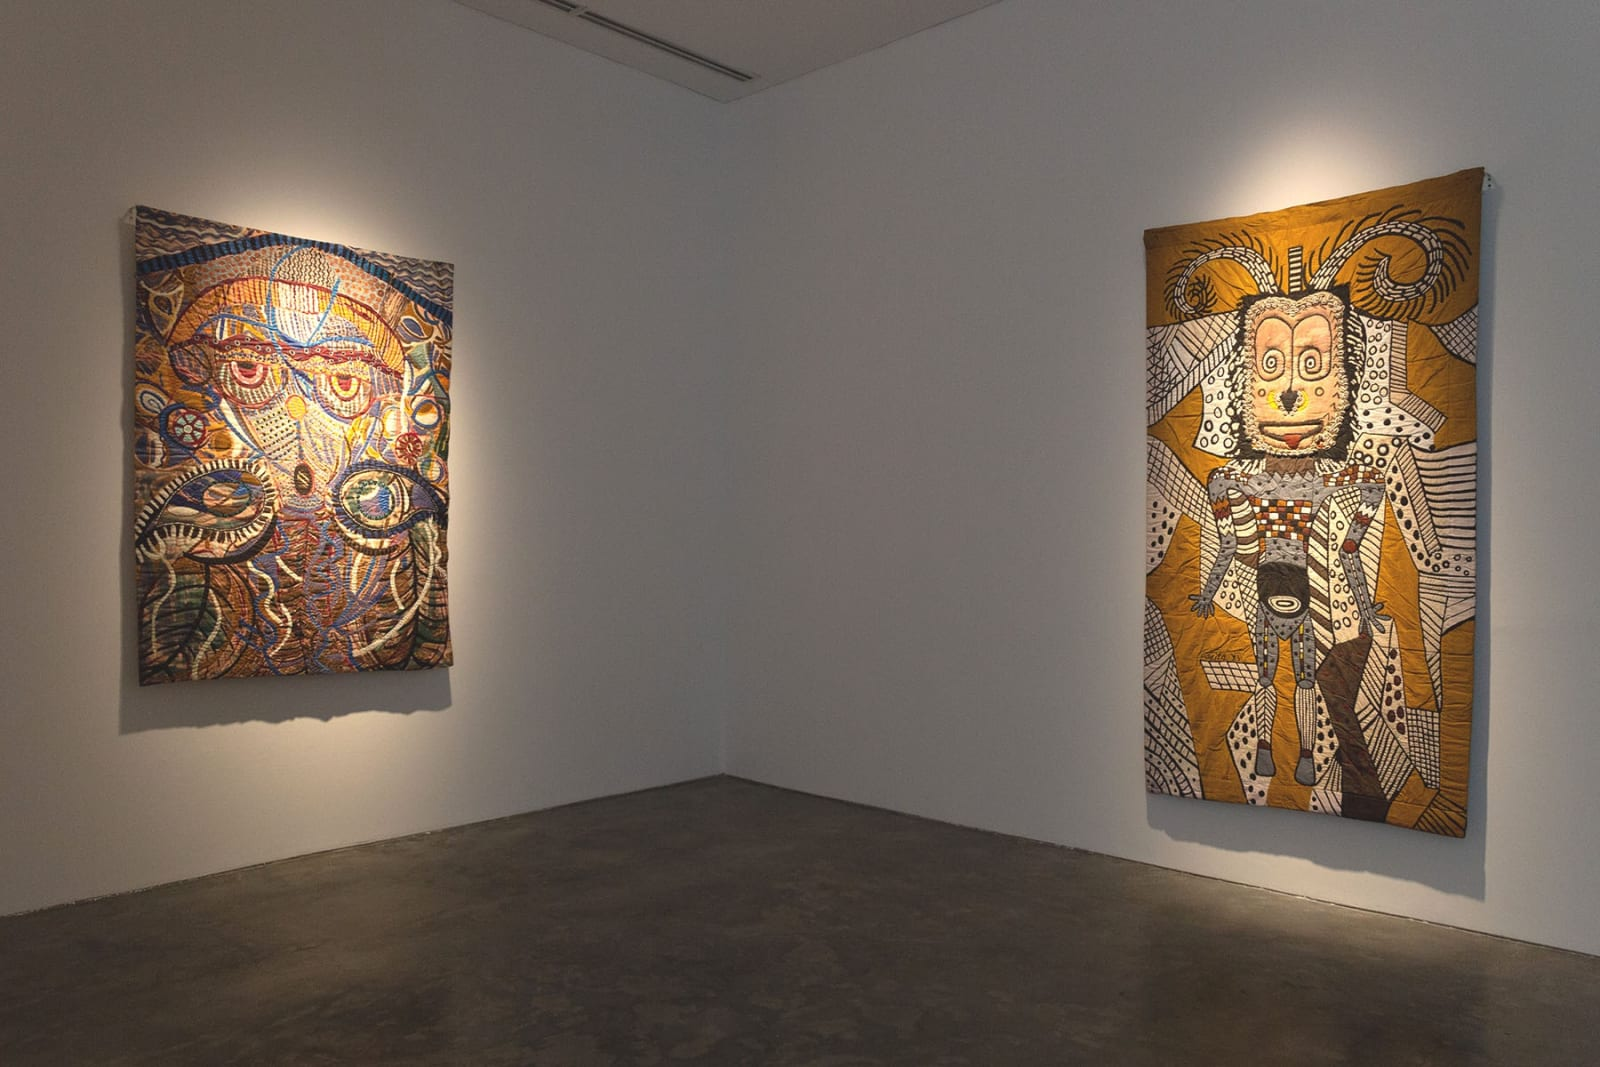 Pacita Abad: Masks and Spirits